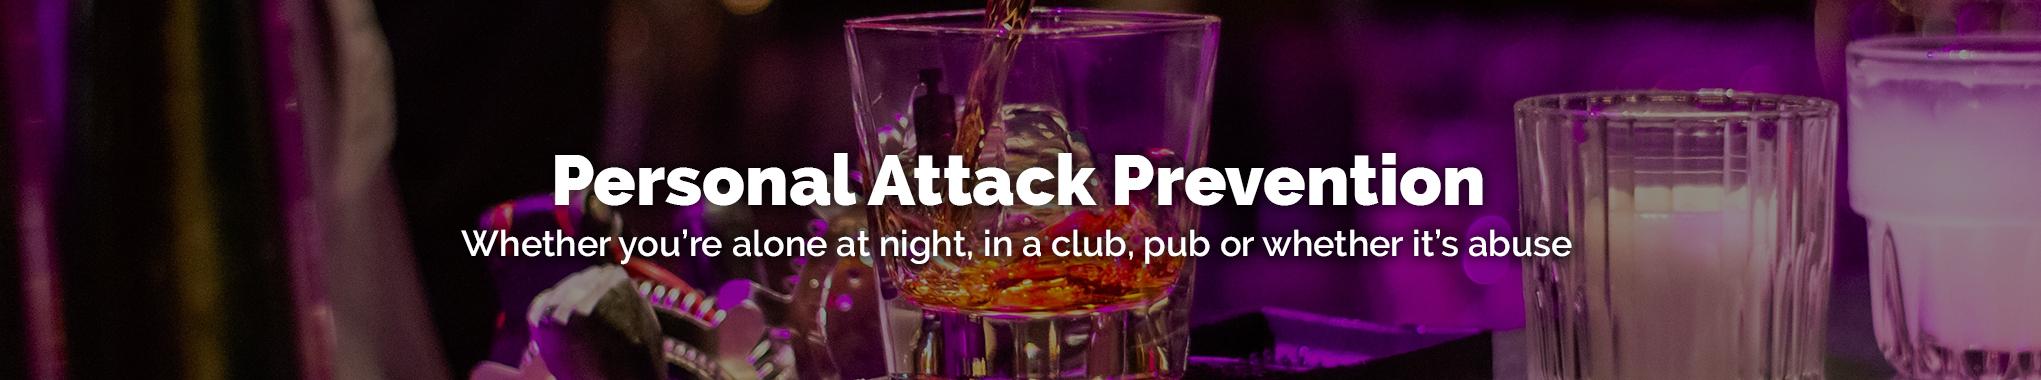 Personal Attack Prevention